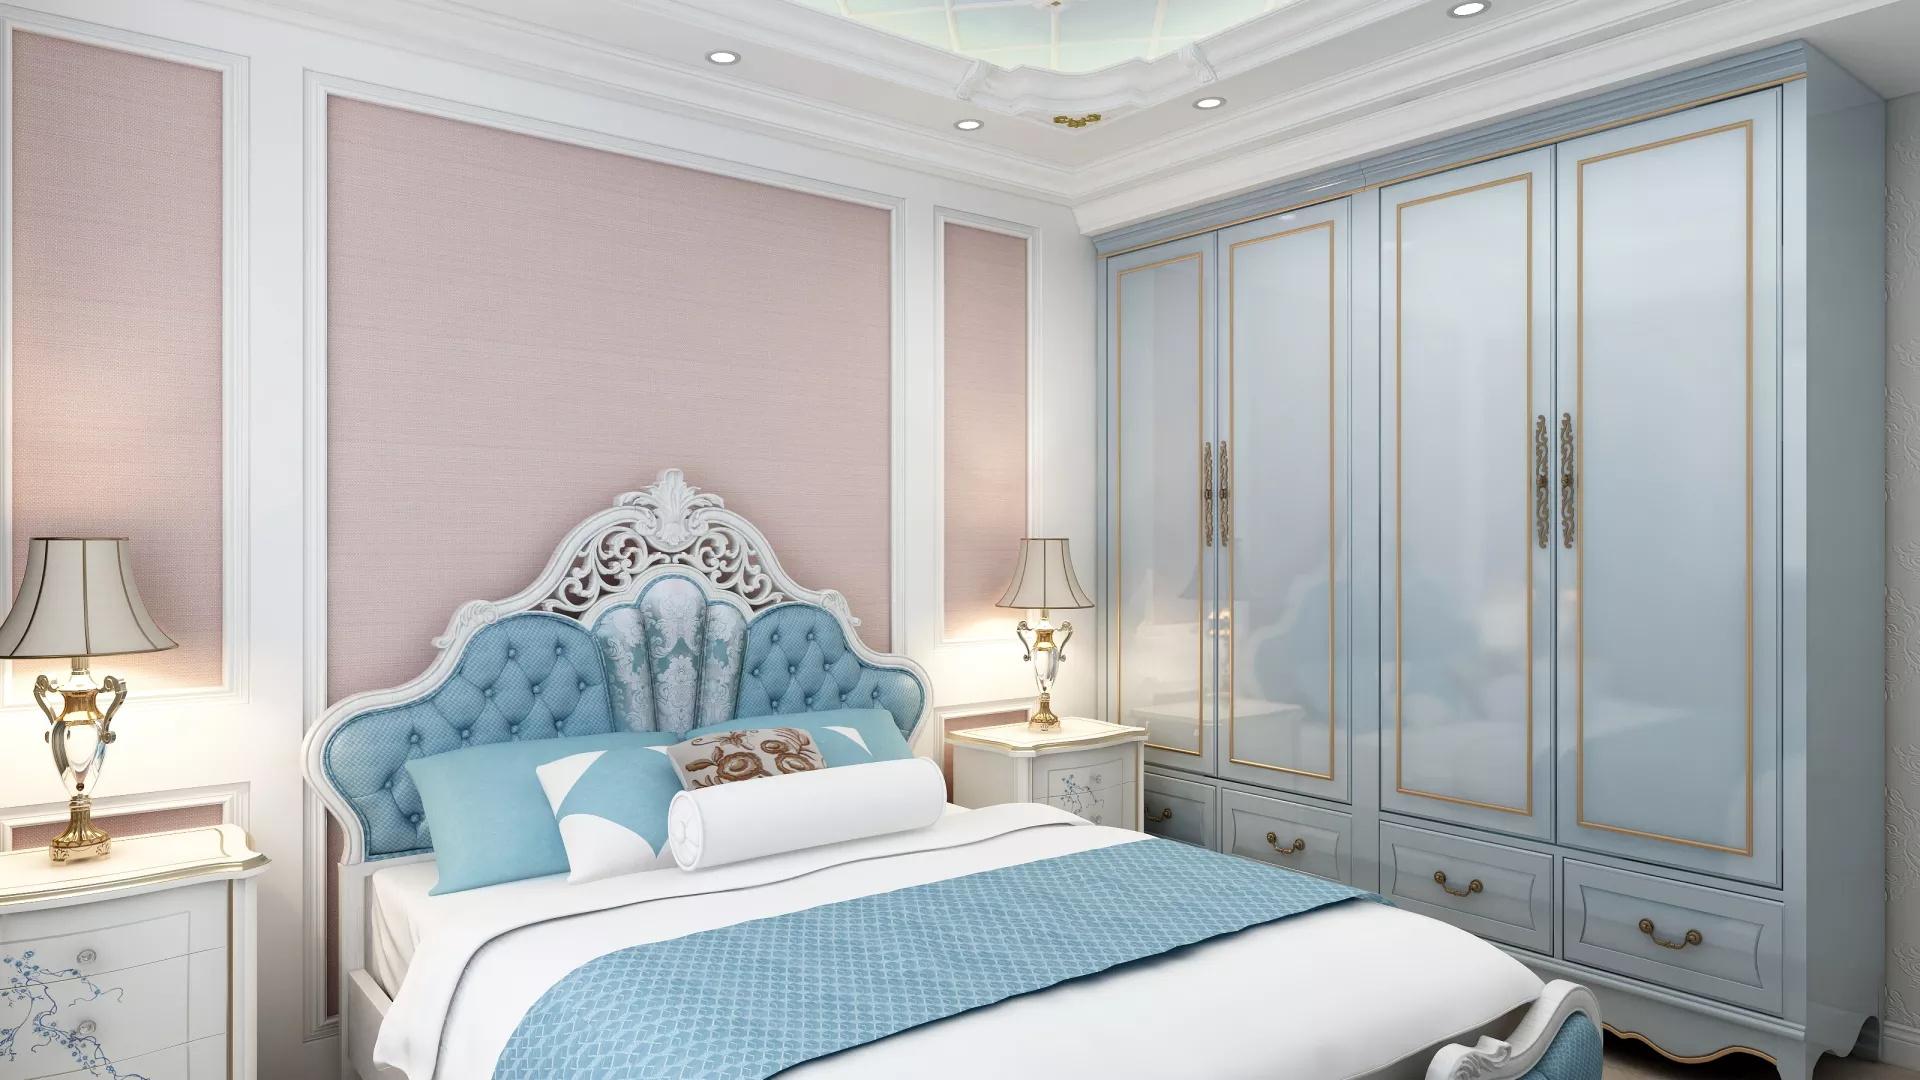 客厅背景墙什么颜色好?客厅背景墙什么颜色风水好?